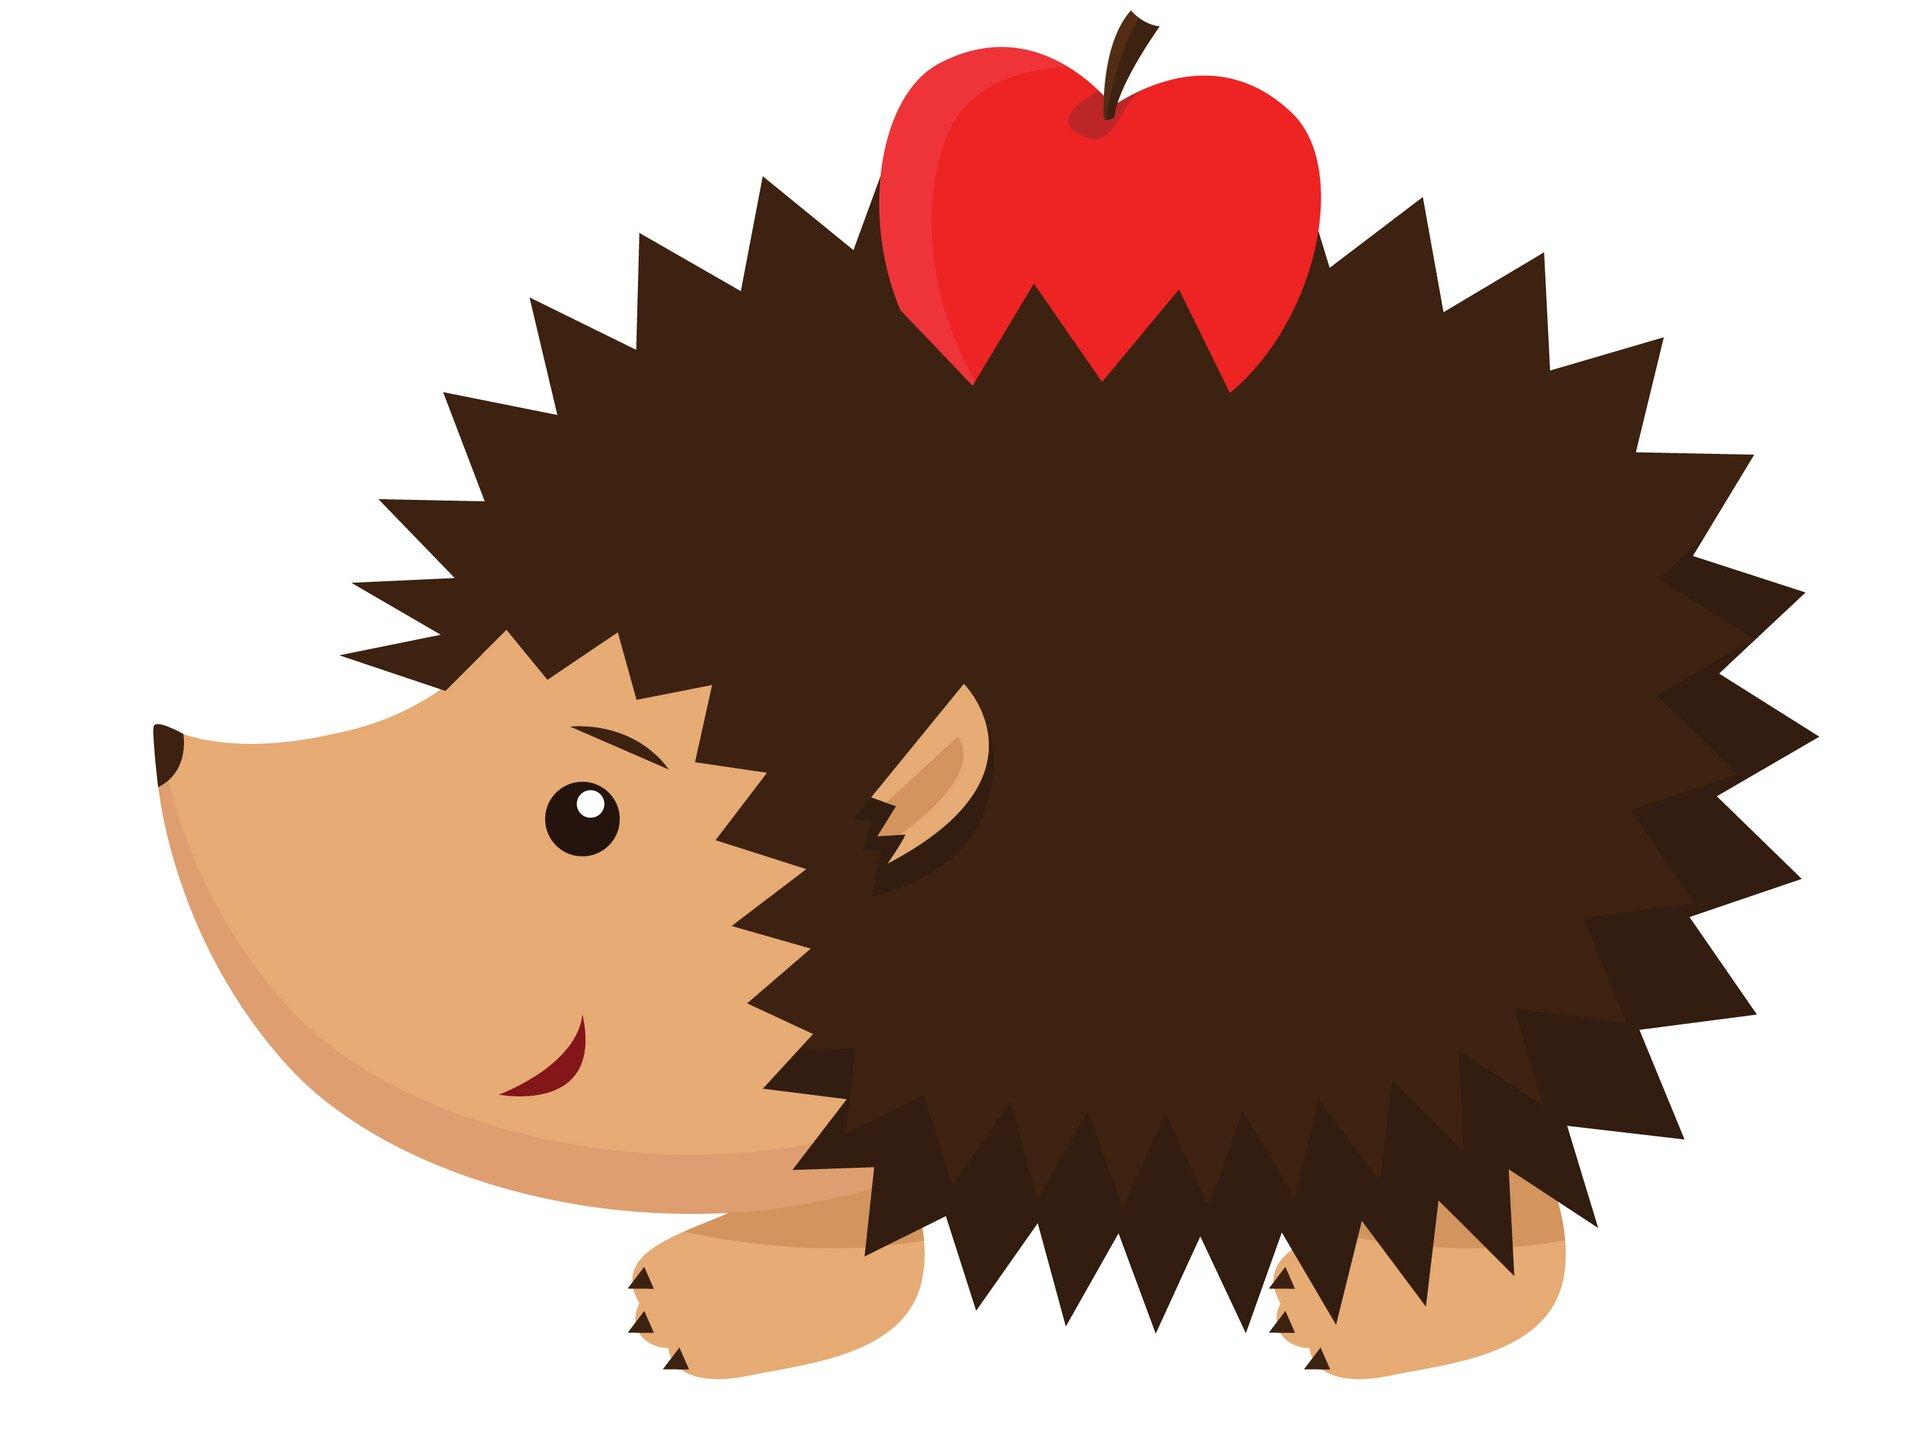 Ilustracja przedstawia sylwetkę ciemnobrązowego, kolczastego jeża zbajki. Na kolcach ugóry ma czerwone jabłko. Pyszczek zlewej jest uśmiechnięty.